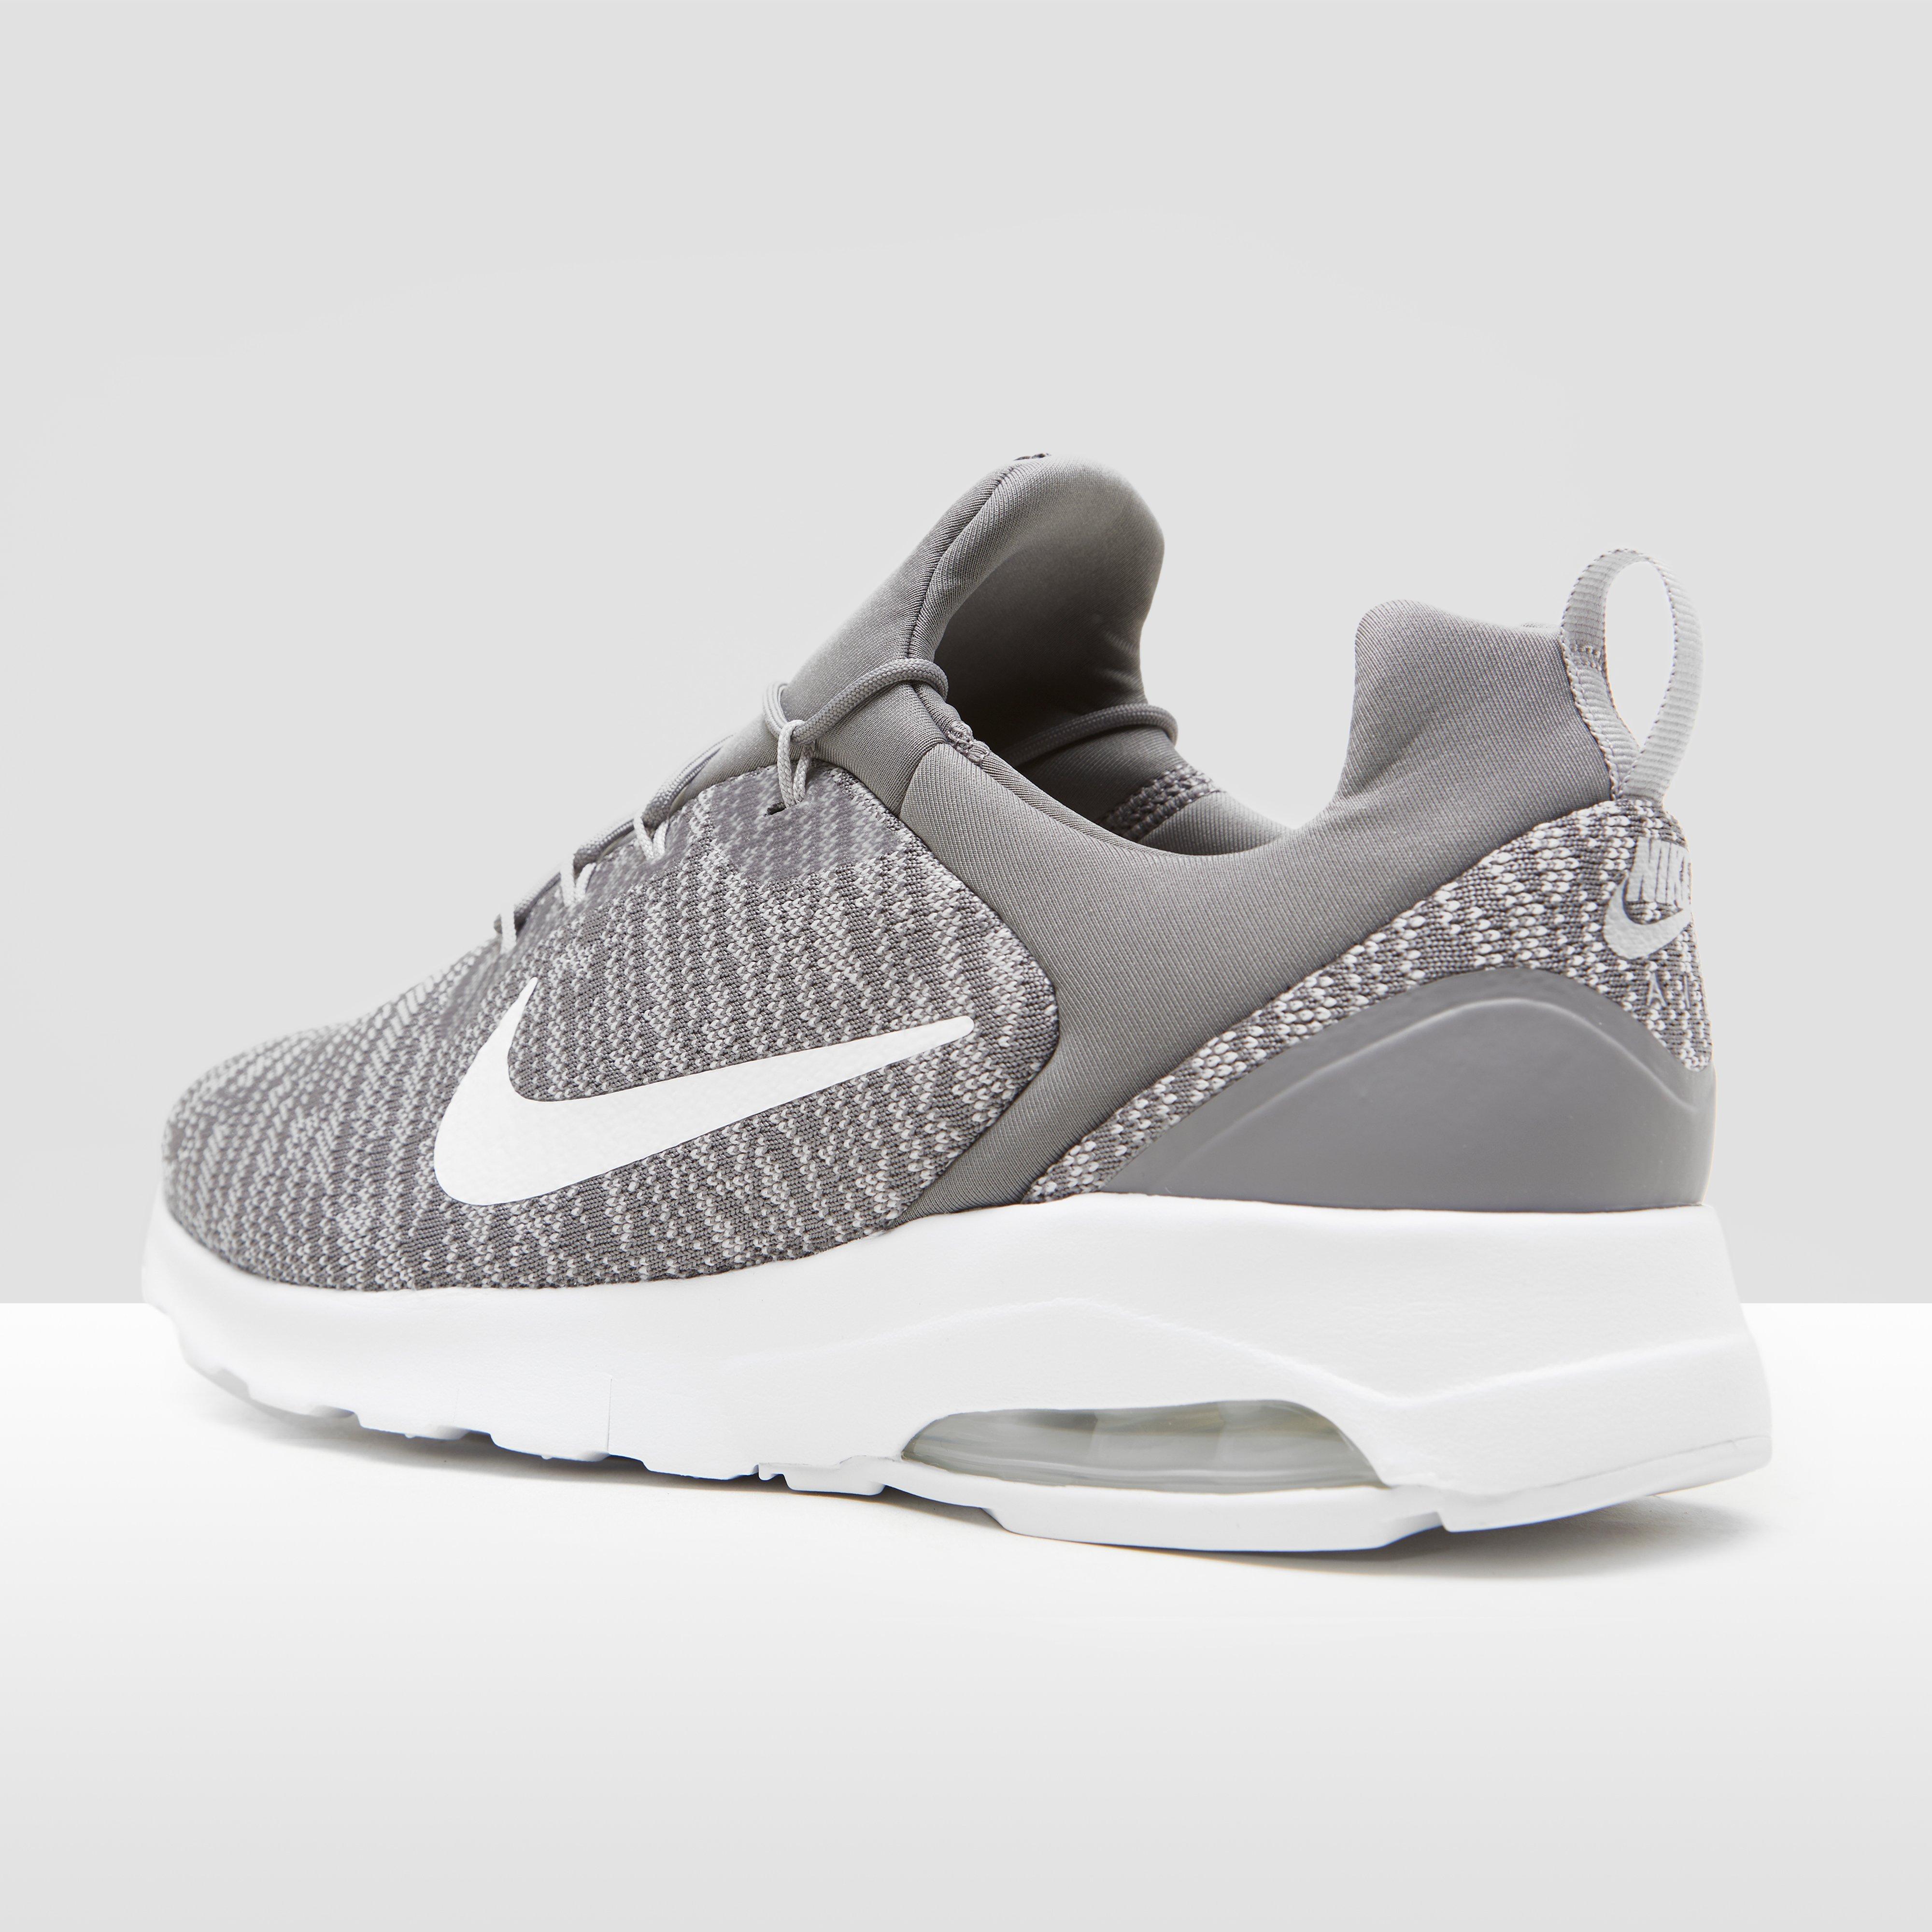 Chaussures Nike Gris Coureur À 47,5 Pour Les Hommes